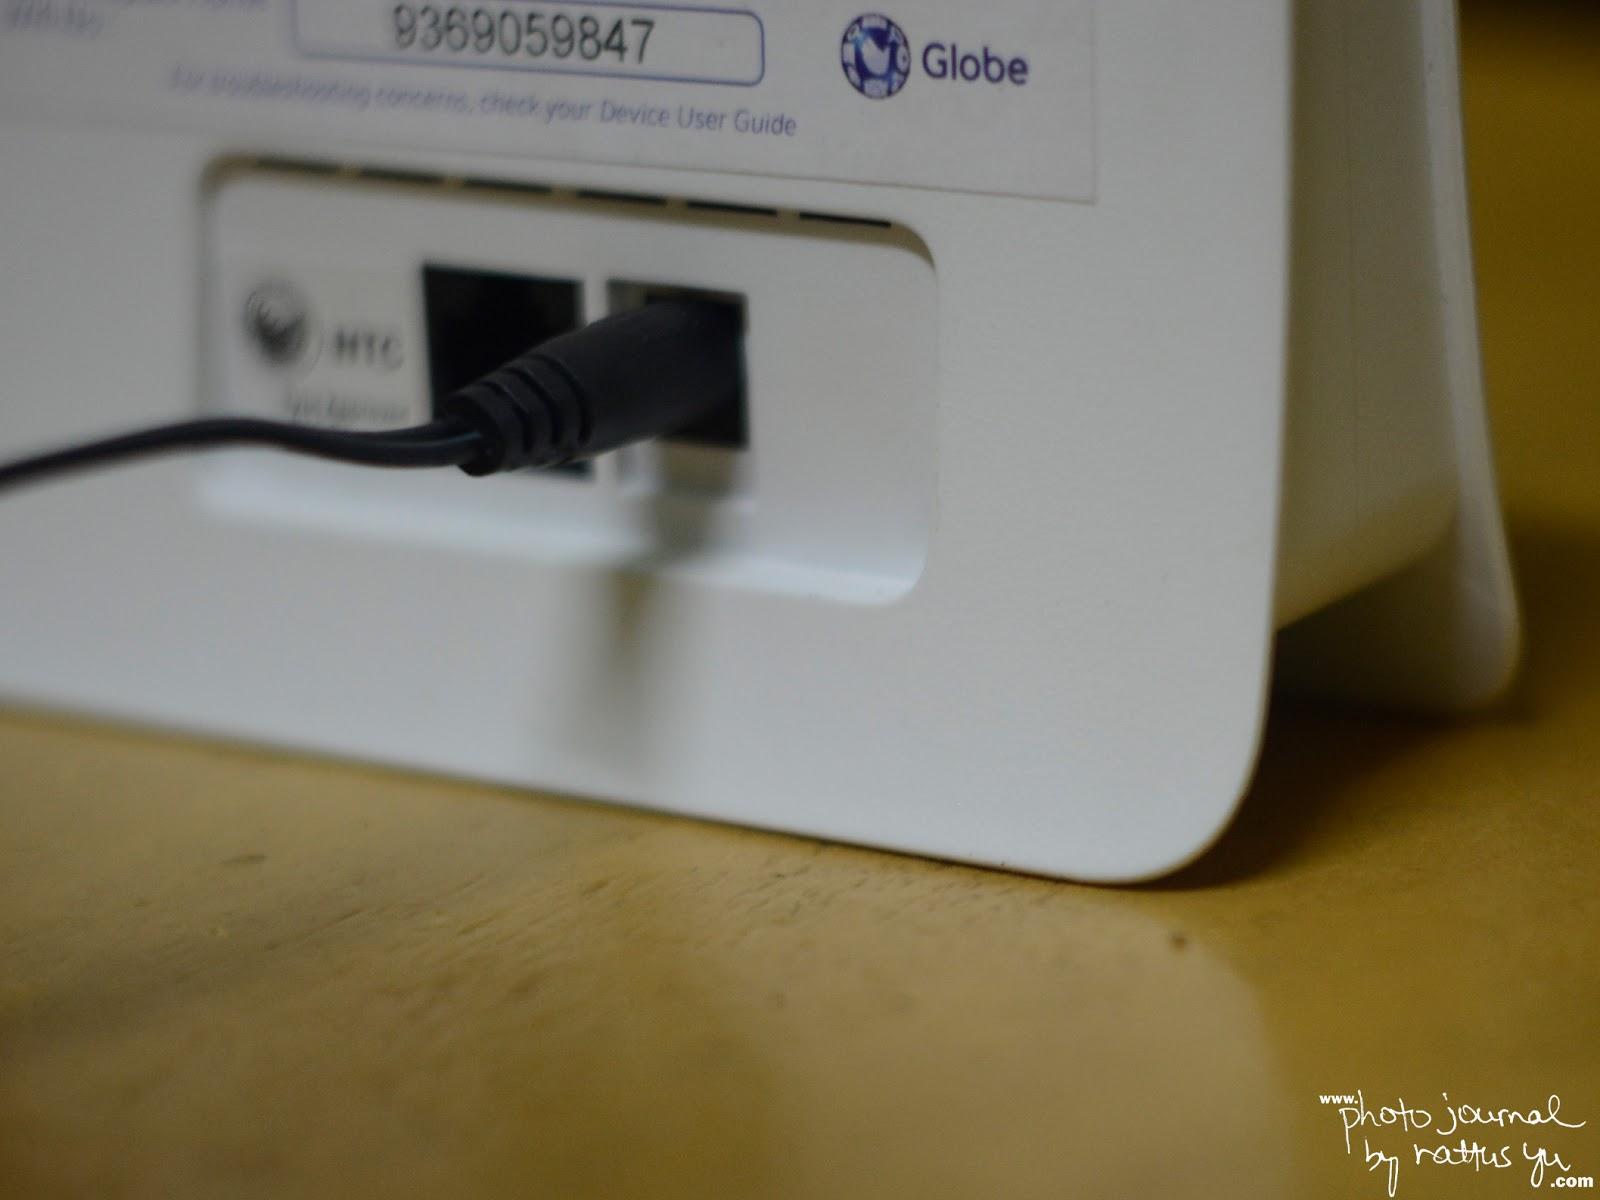 Globe Prepaid Home Wi-Fi